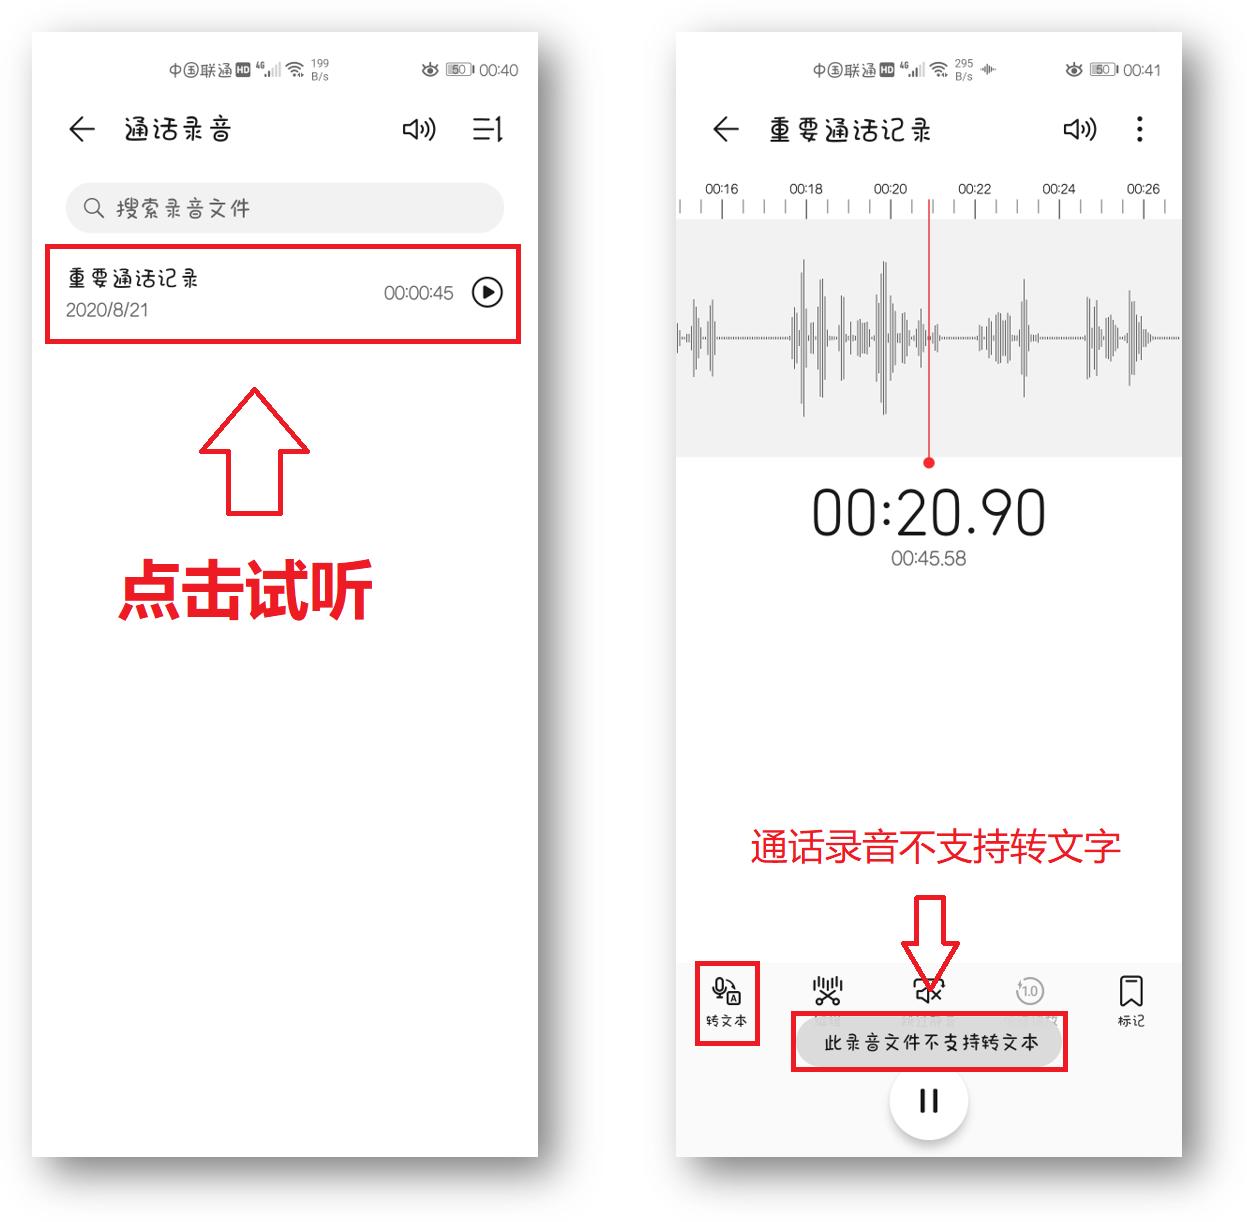 苹果手机接打电话怎么录音(苹果手机录音步骤及技巧)